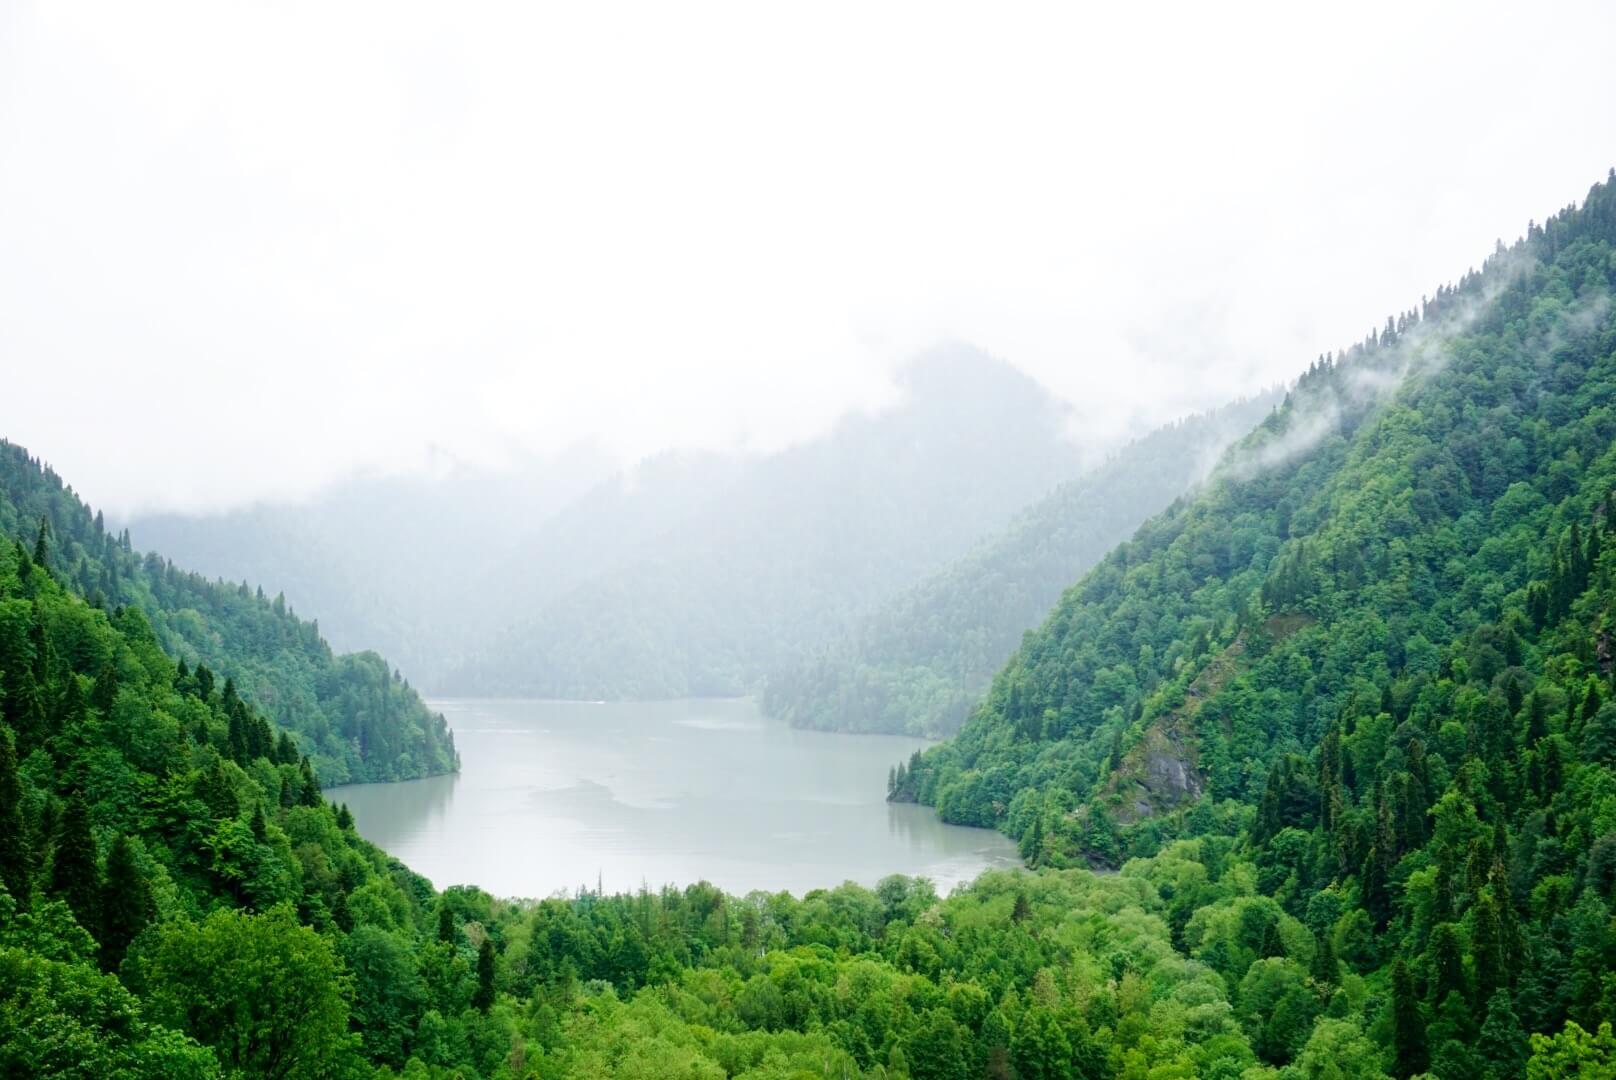 Travel is fatal to prejudice: Lake Ritsa